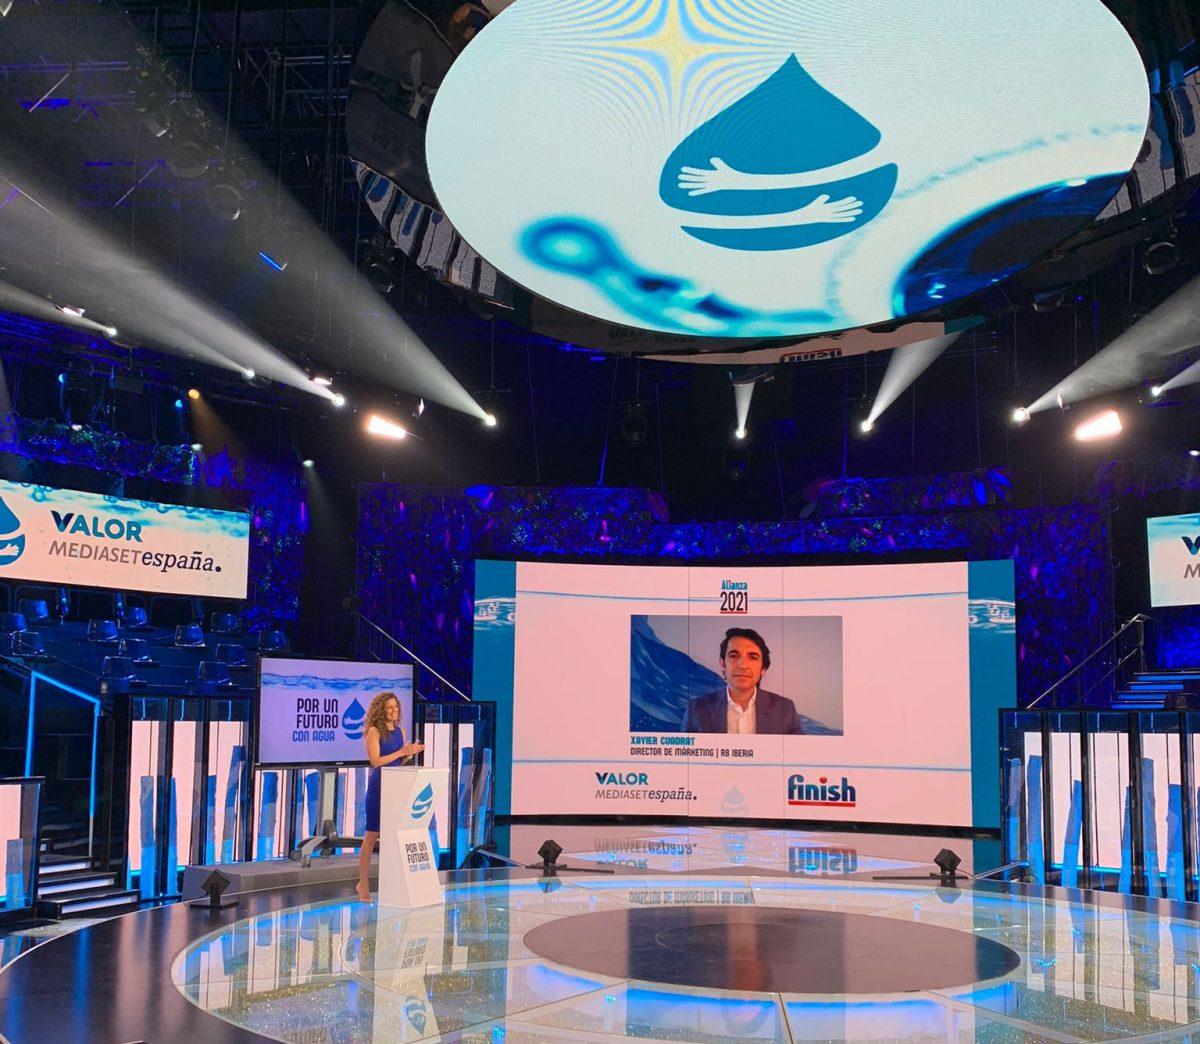 Finish y Mediaset España renuevan su alianza #PorUnFuturoConAgua y la marca donará 5 litros de agua a la FESBAL por la compra de cada pack de producto